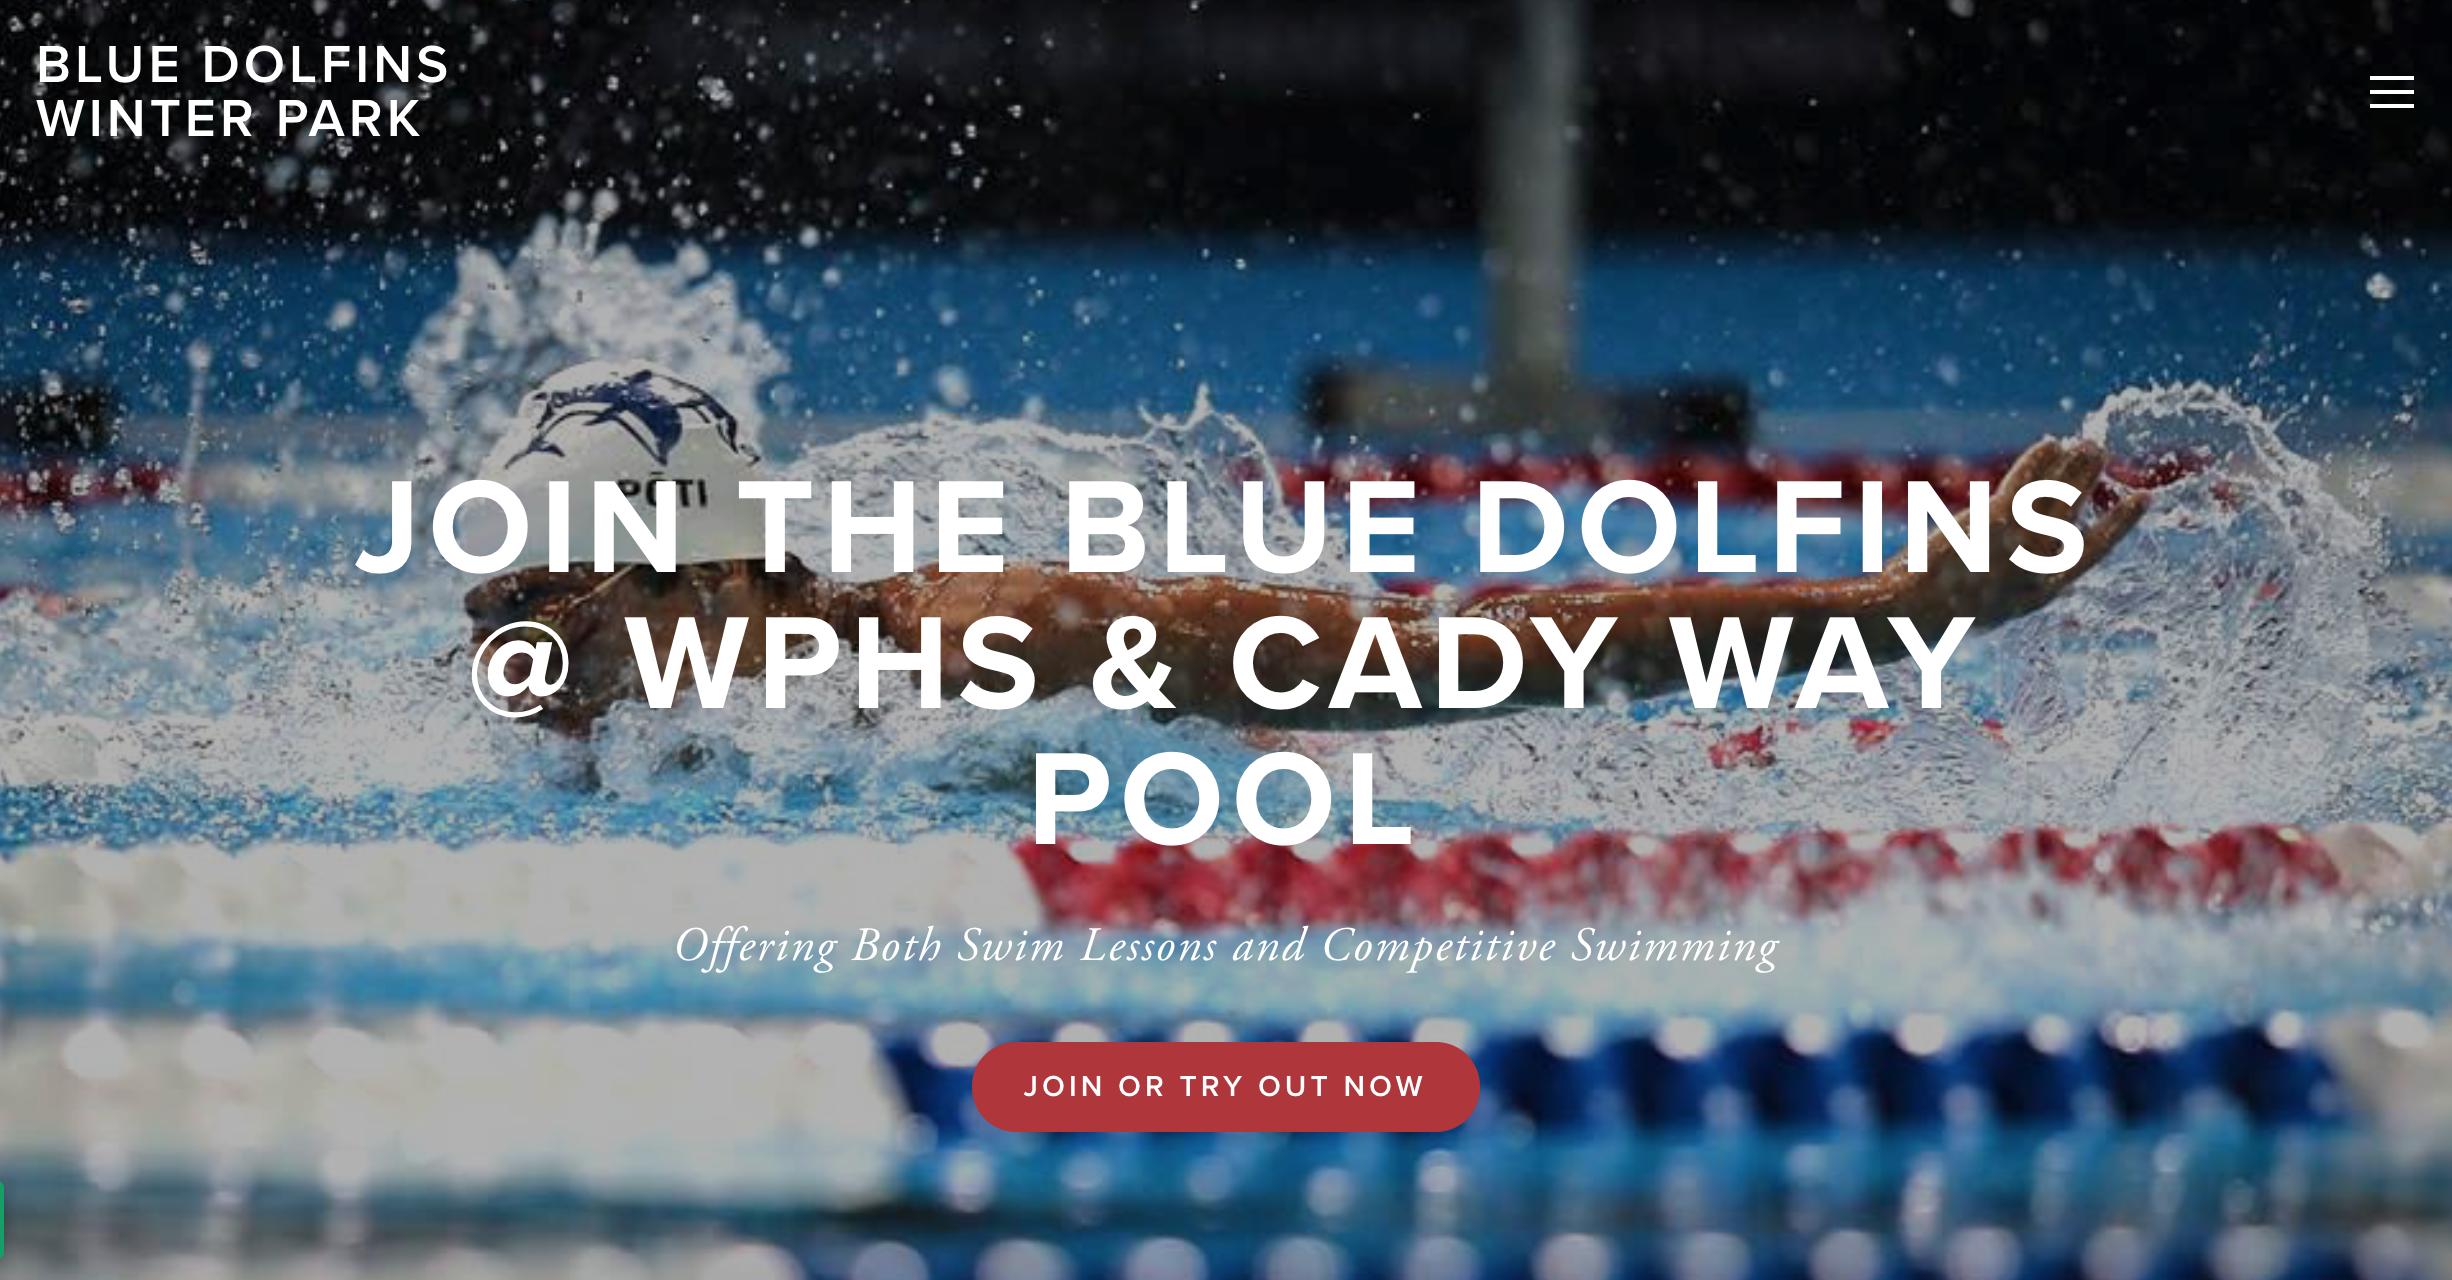 Blue Dolfins Website